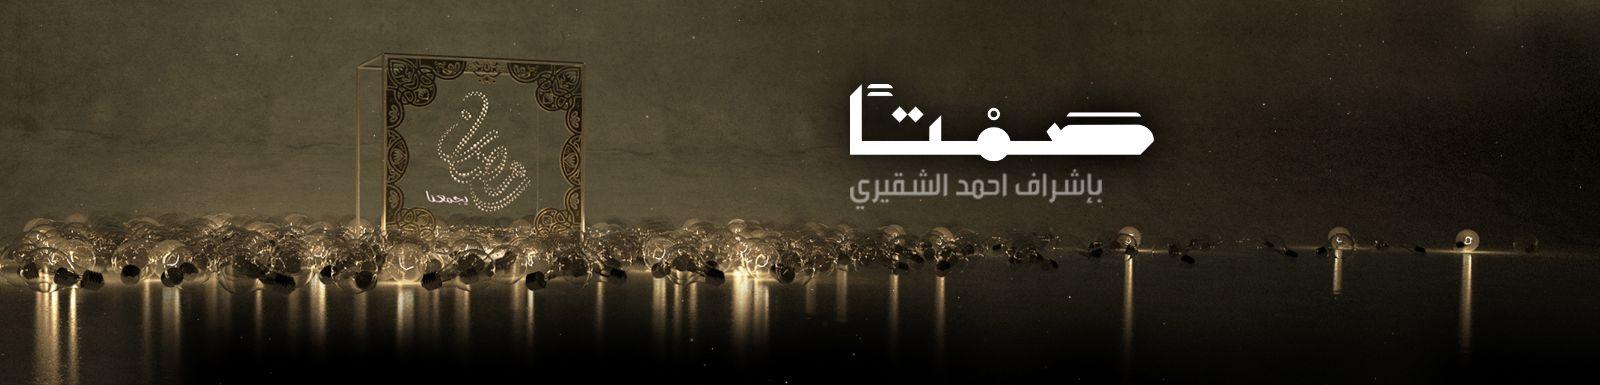 بالفيديو ، مشاهدة برنامج صمتاً Samtan الحلقة 14 الرابعة عشر 2014 كاملة